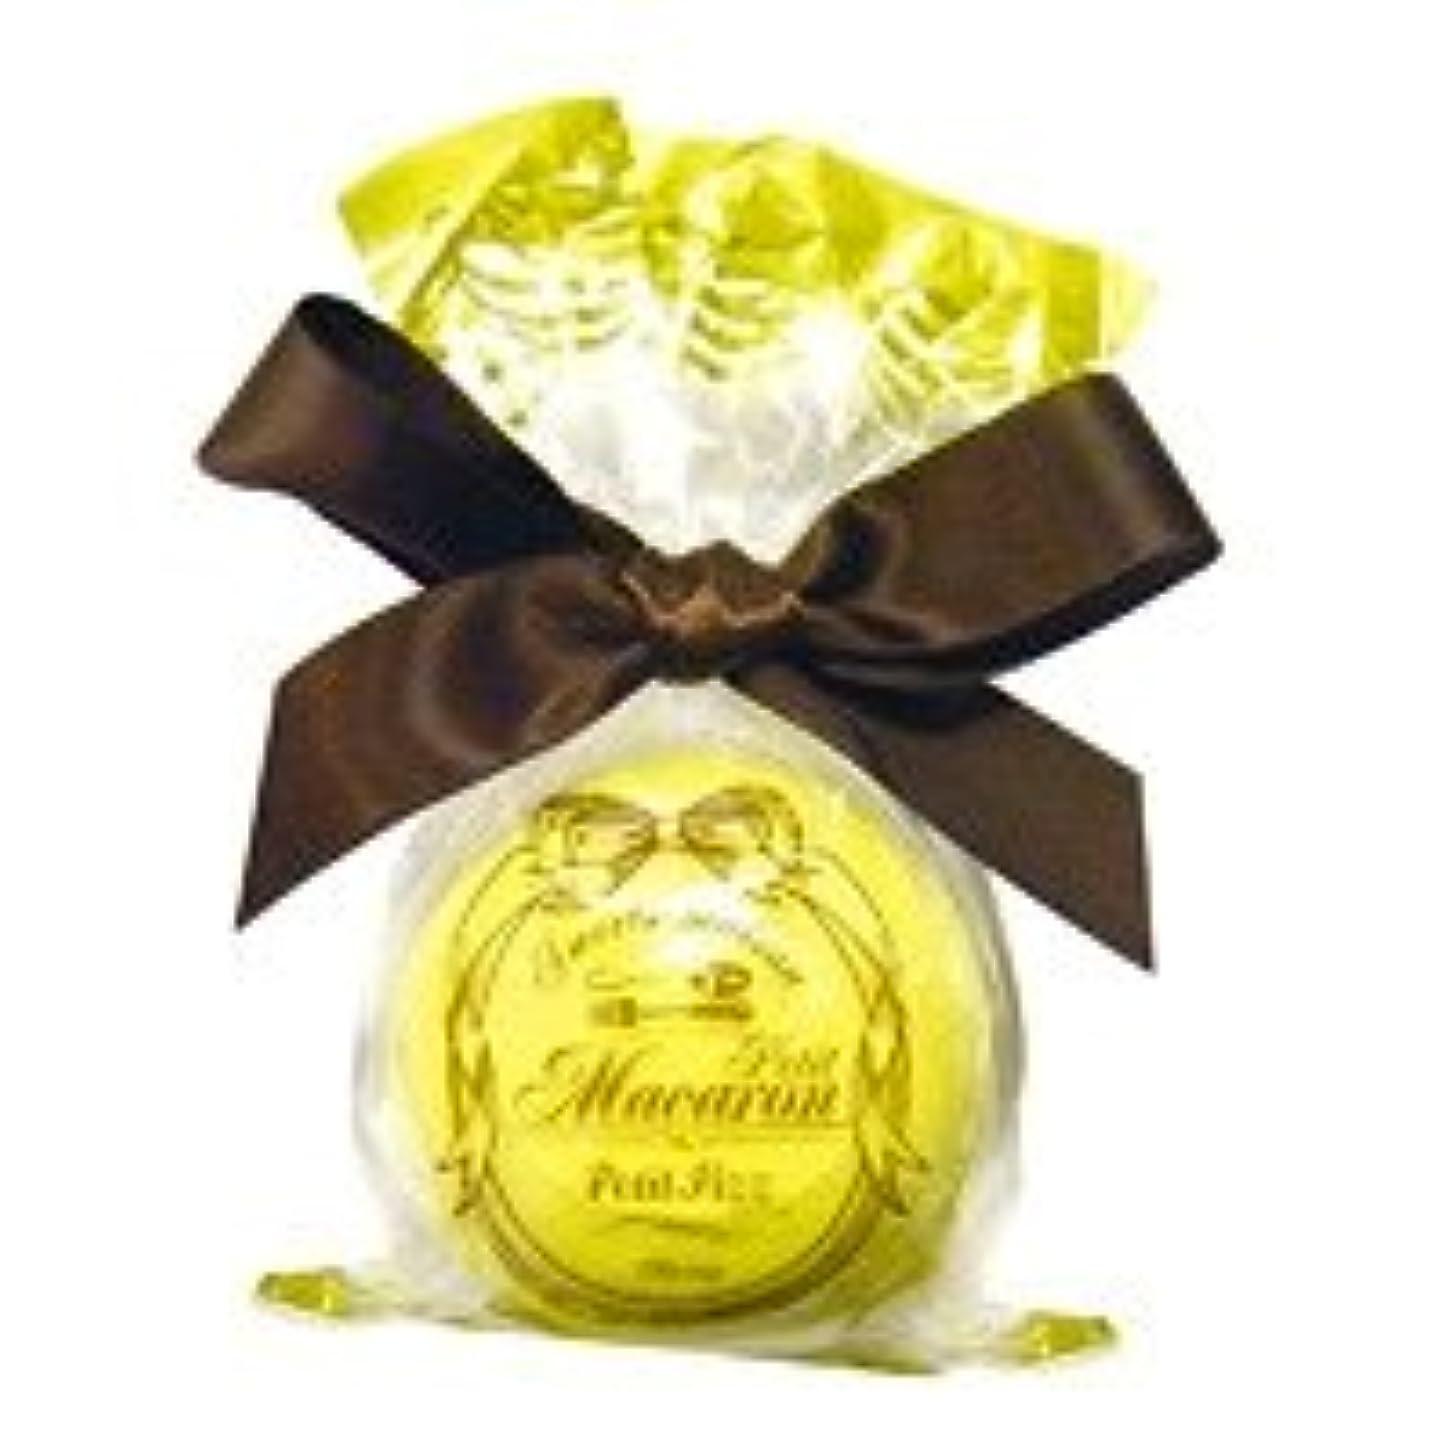 外交官間機関車スウィーツメゾン プチマカロンフィズ「イエロー」12個セット フレッシュなグレープフルーツの香り